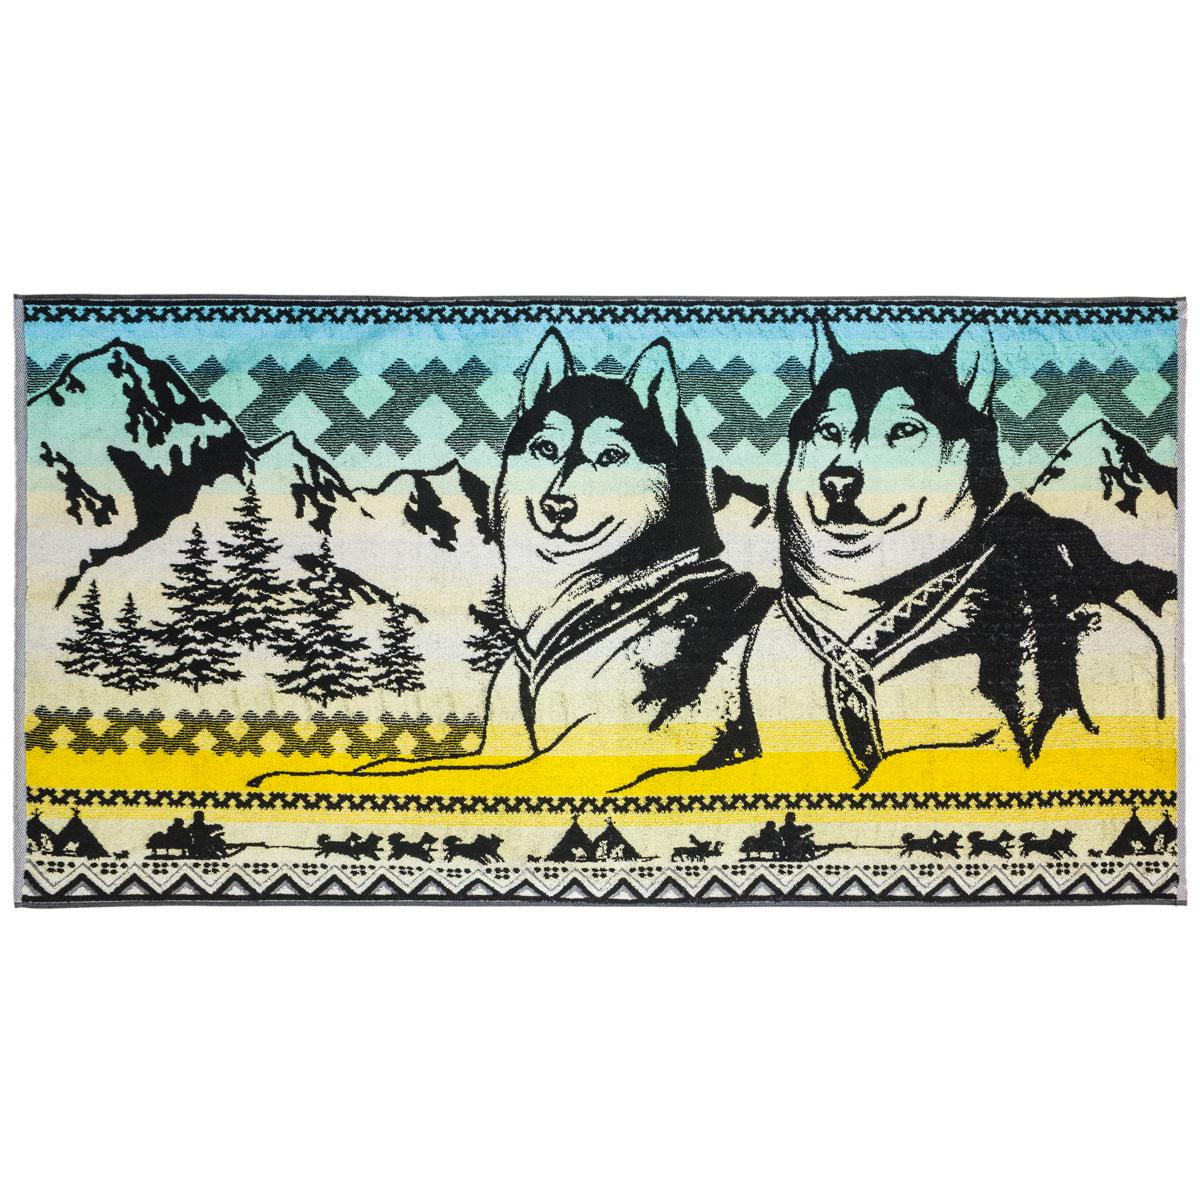 Полотенце Хаски р. 70х140Махровые полотенца<br>Плотность ткани: 420 г/кв. м<br><br>Тип: Полотенце<br>Размер: 70х140<br>Материал: Махра